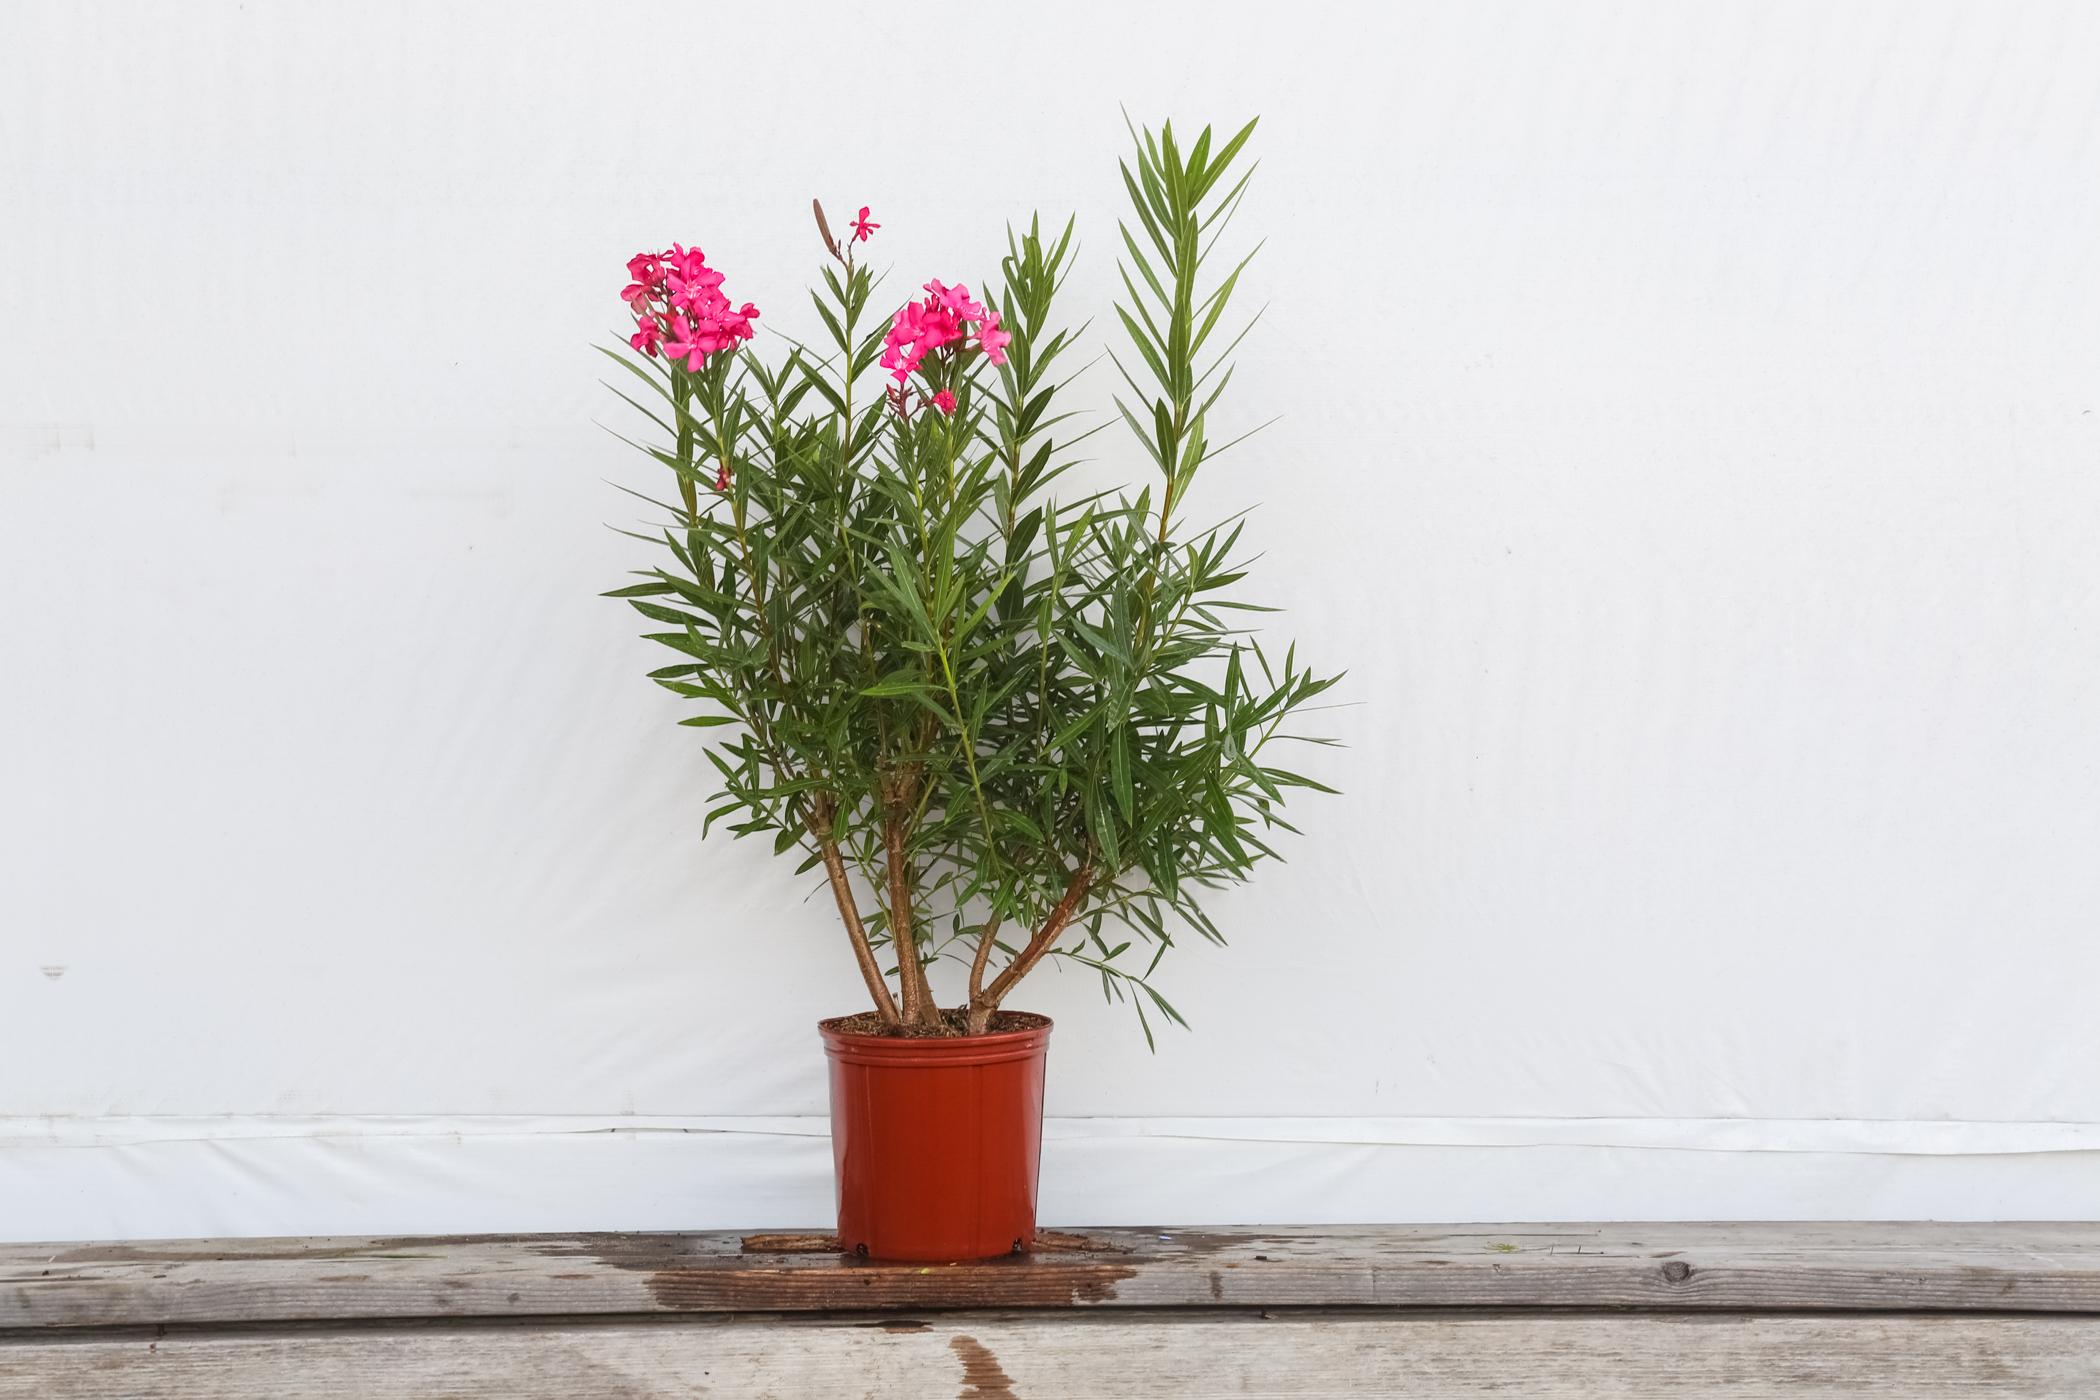 Oleander Bush Calypso Pink 3 Gallon